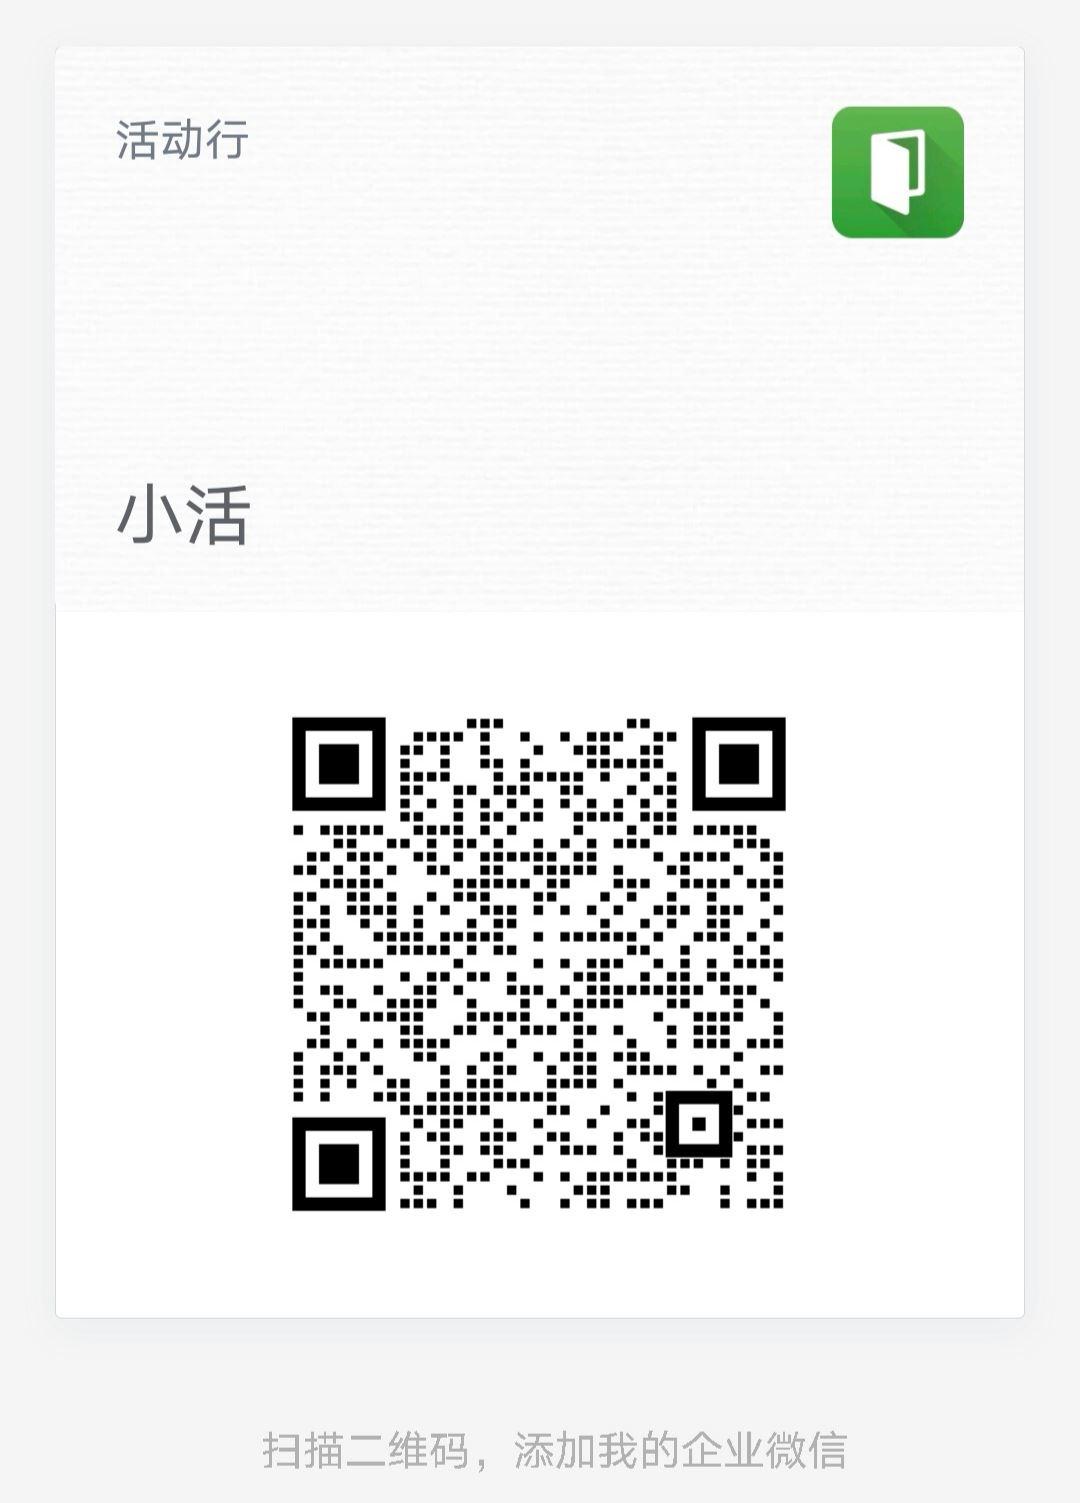 小活企业微信.jpeg